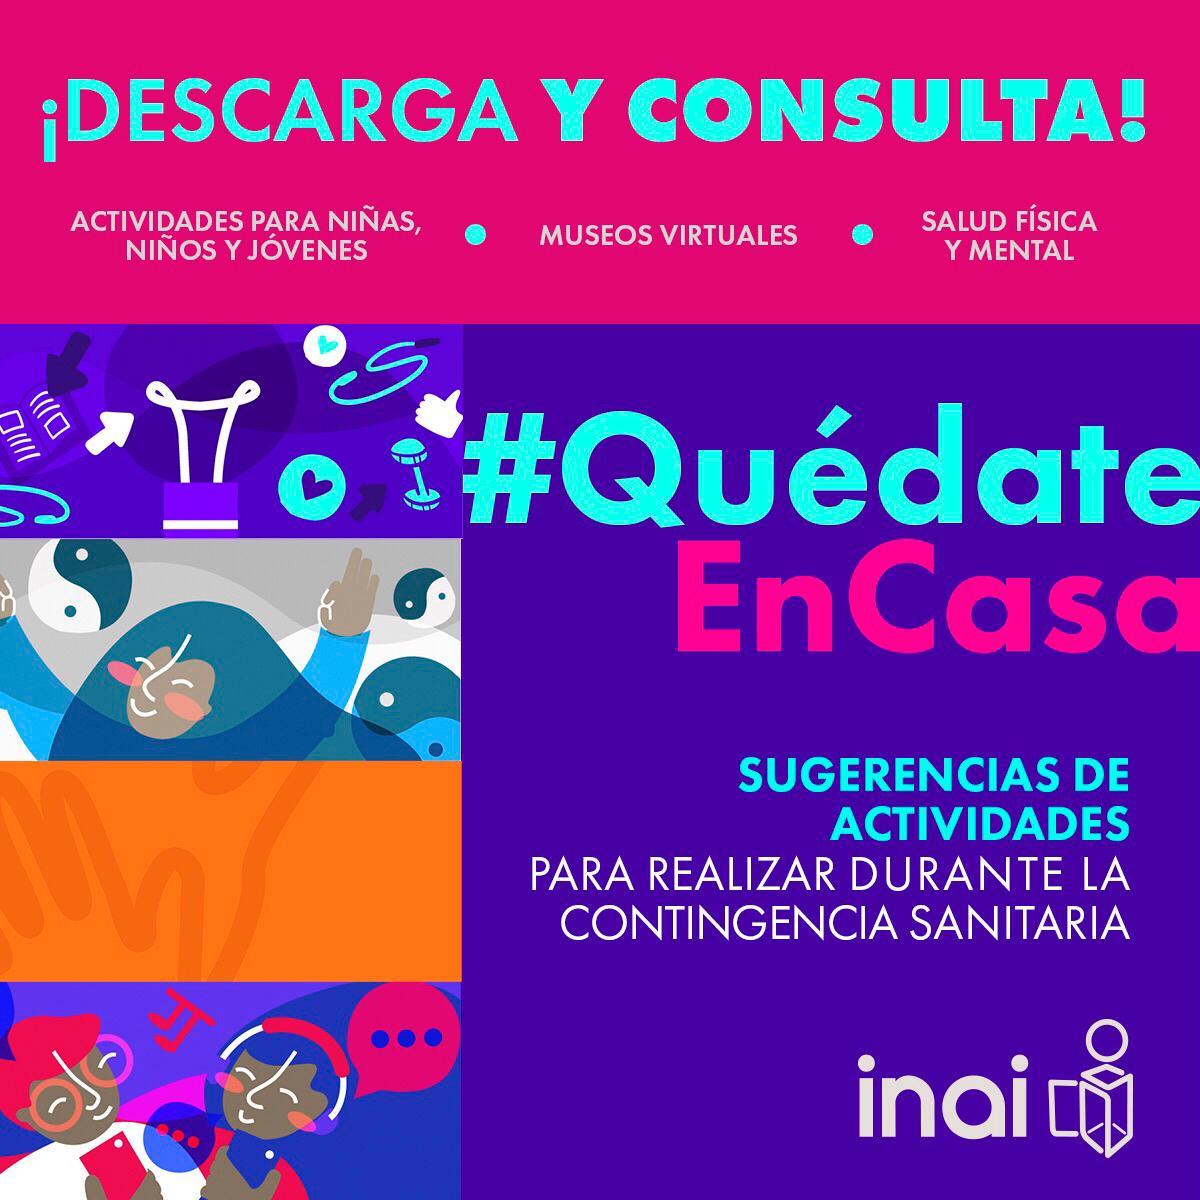 El INAI te comparte sugerencias de actividades para realizar durante la contingencia sanitaria por Covid19